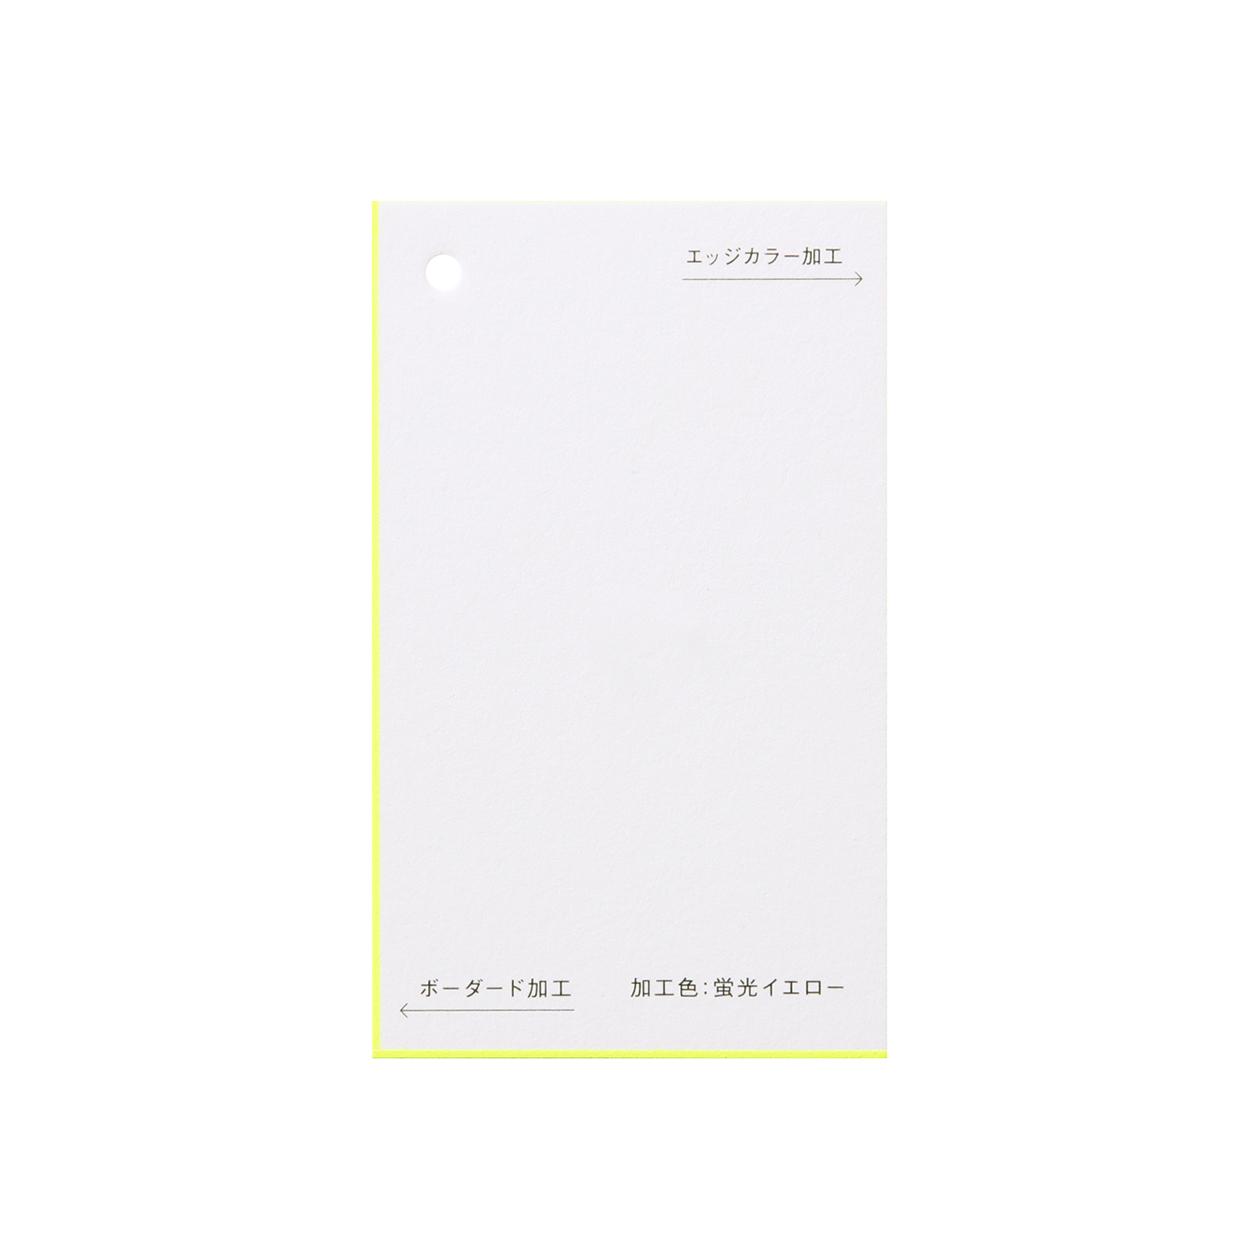 加工色見本 00168ボーダード・エッジカラー 蛍光イエロースノーホワイト 348.8g